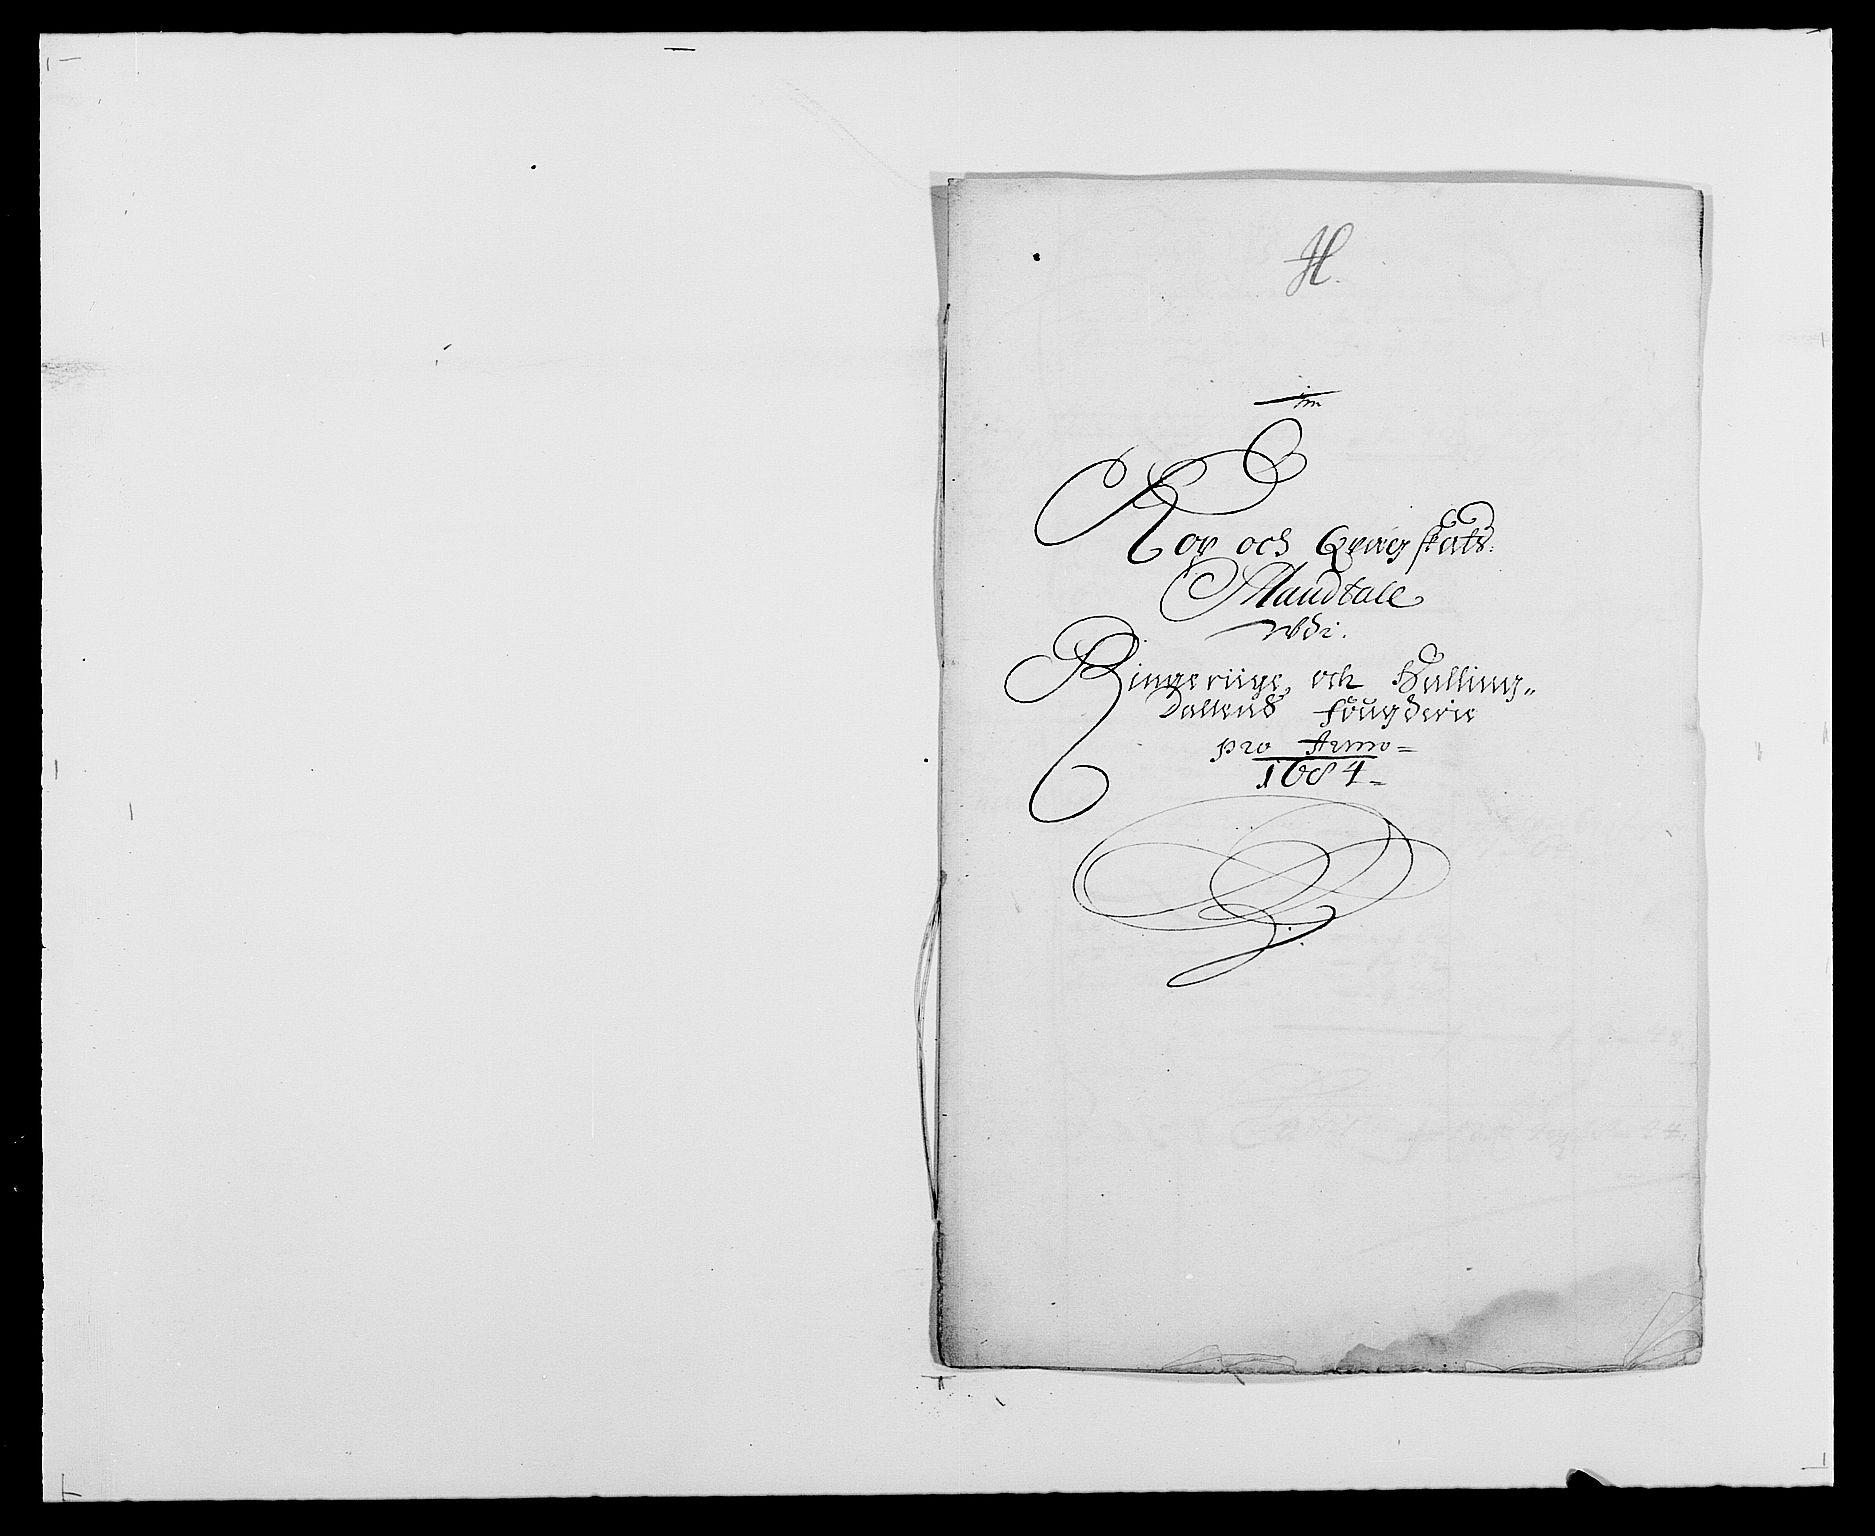 RA, Rentekammeret inntil 1814, Reviderte regnskaper, Fogderegnskap, R21/L1446: Fogderegnskap Ringerike og Hallingdal, 1683-1686, s. 260